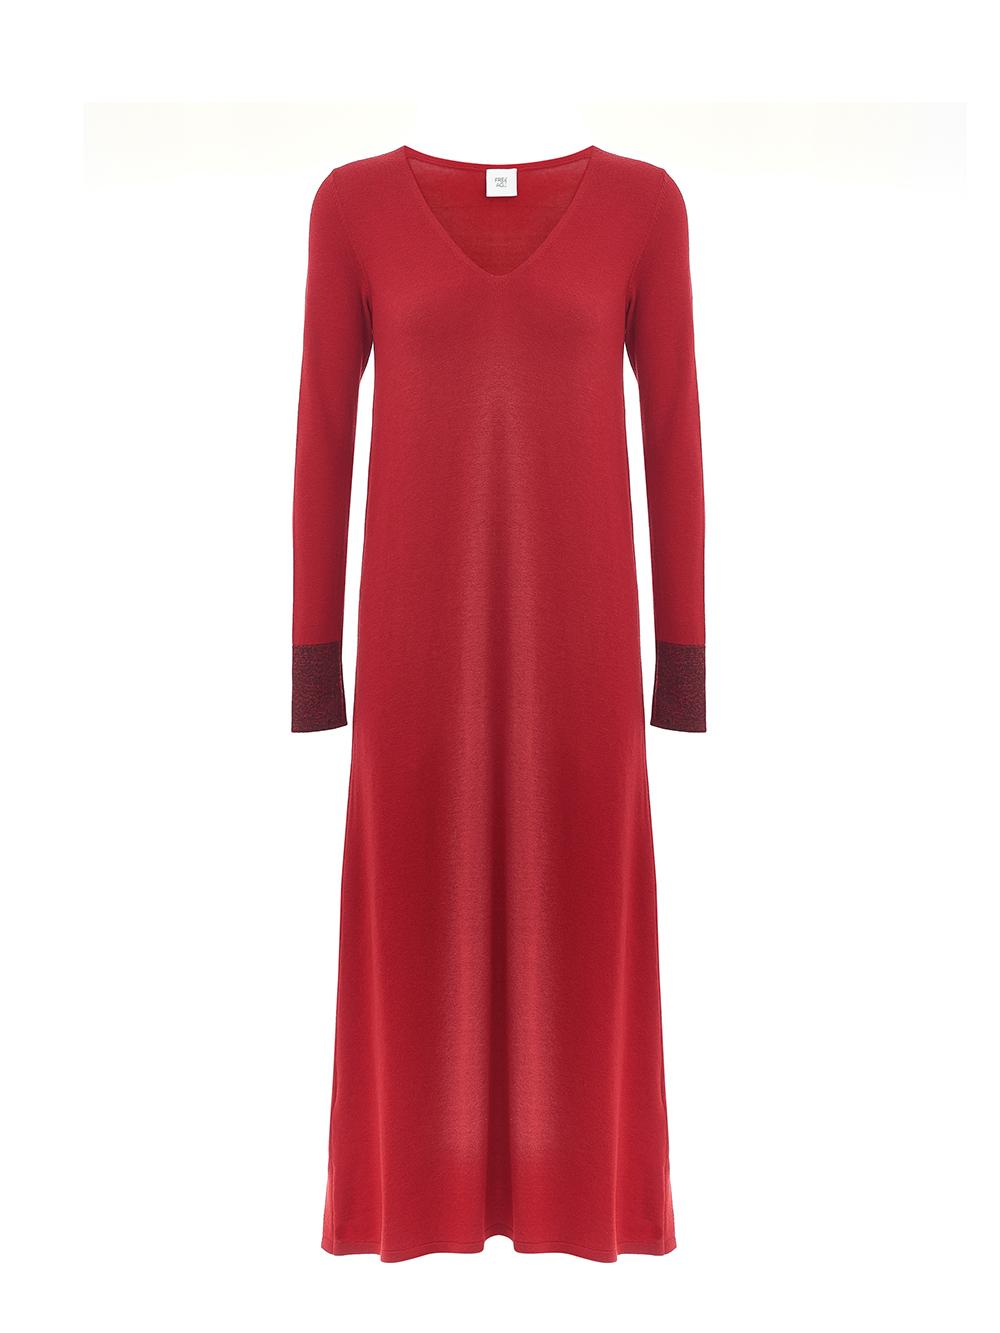 Женское платье красного цвета из шерсти и шелка - фото 1